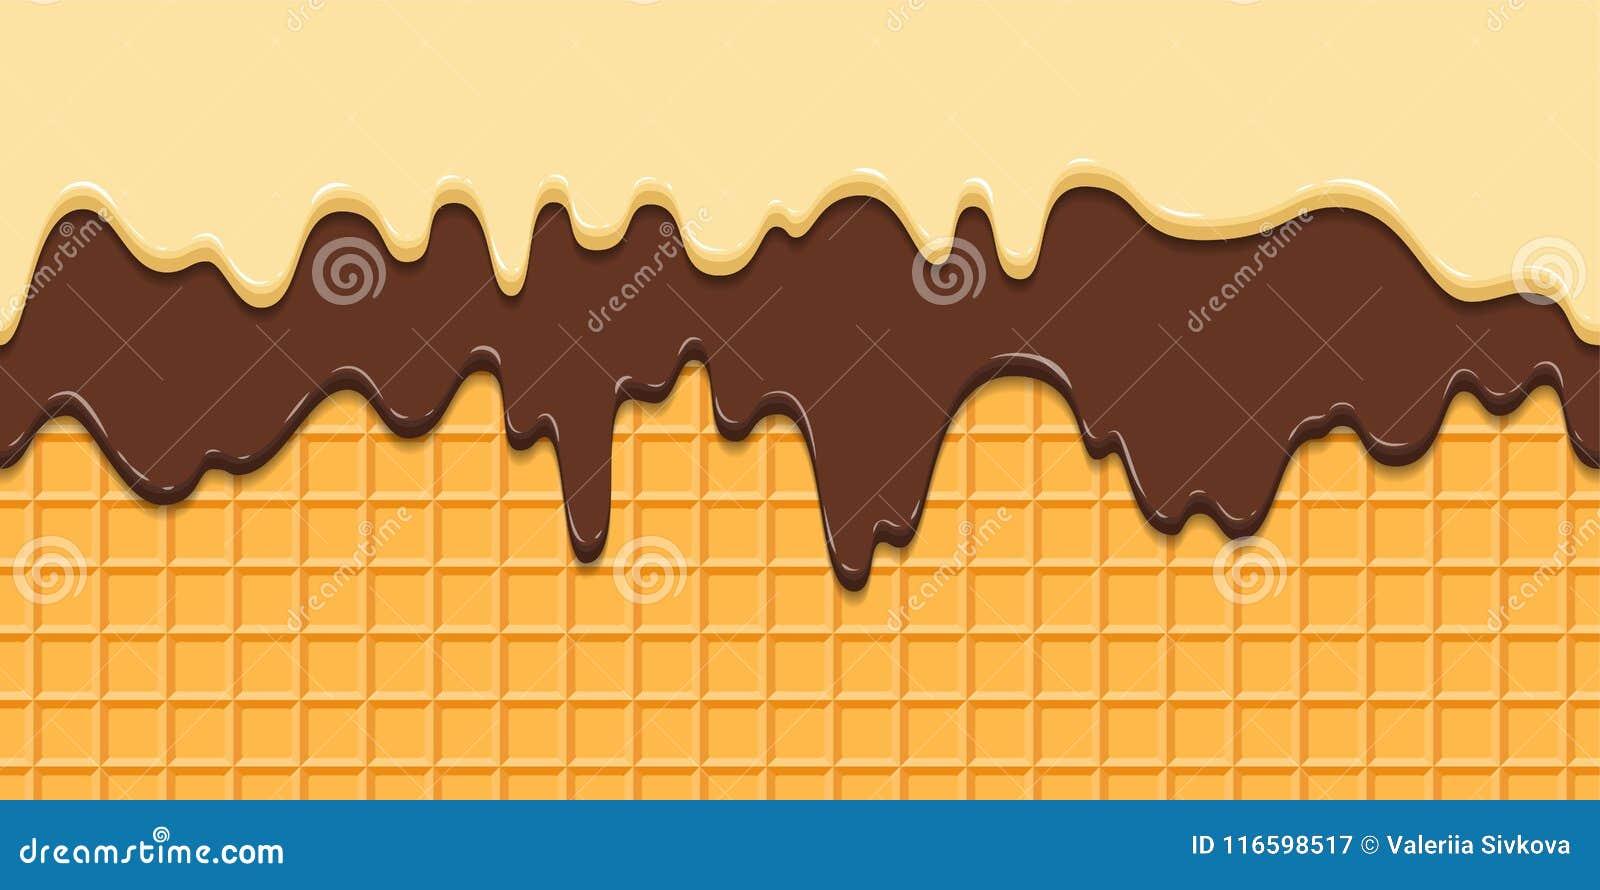 Seamless modell Aktuell isläggning och choklad på dillanden texturerar bakgrund, dillandekotte med glass cartoon